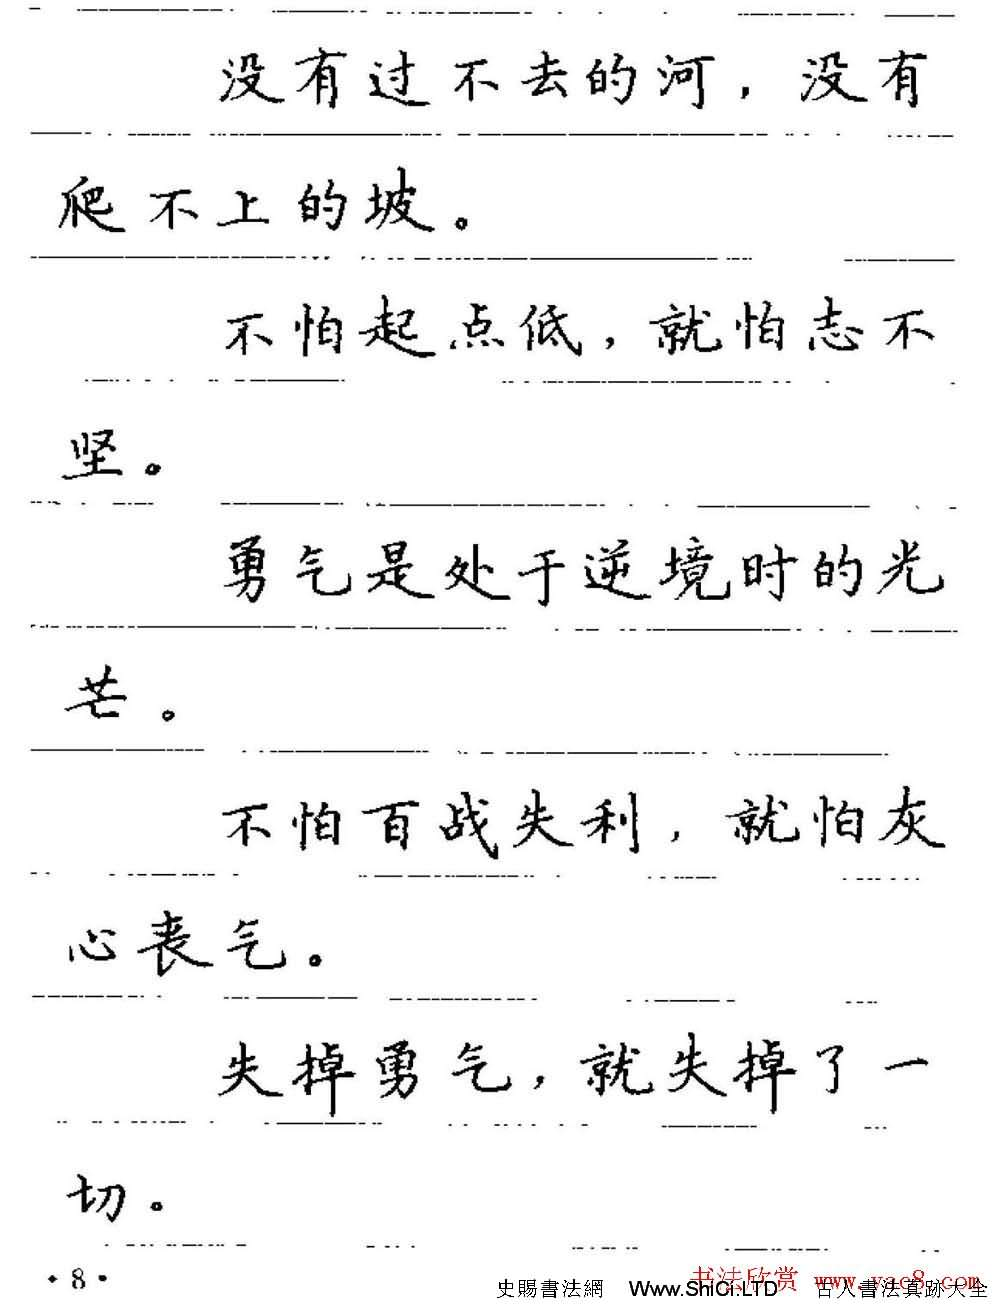 盧中南鋼筆字帖《諺語名句》楷書篇